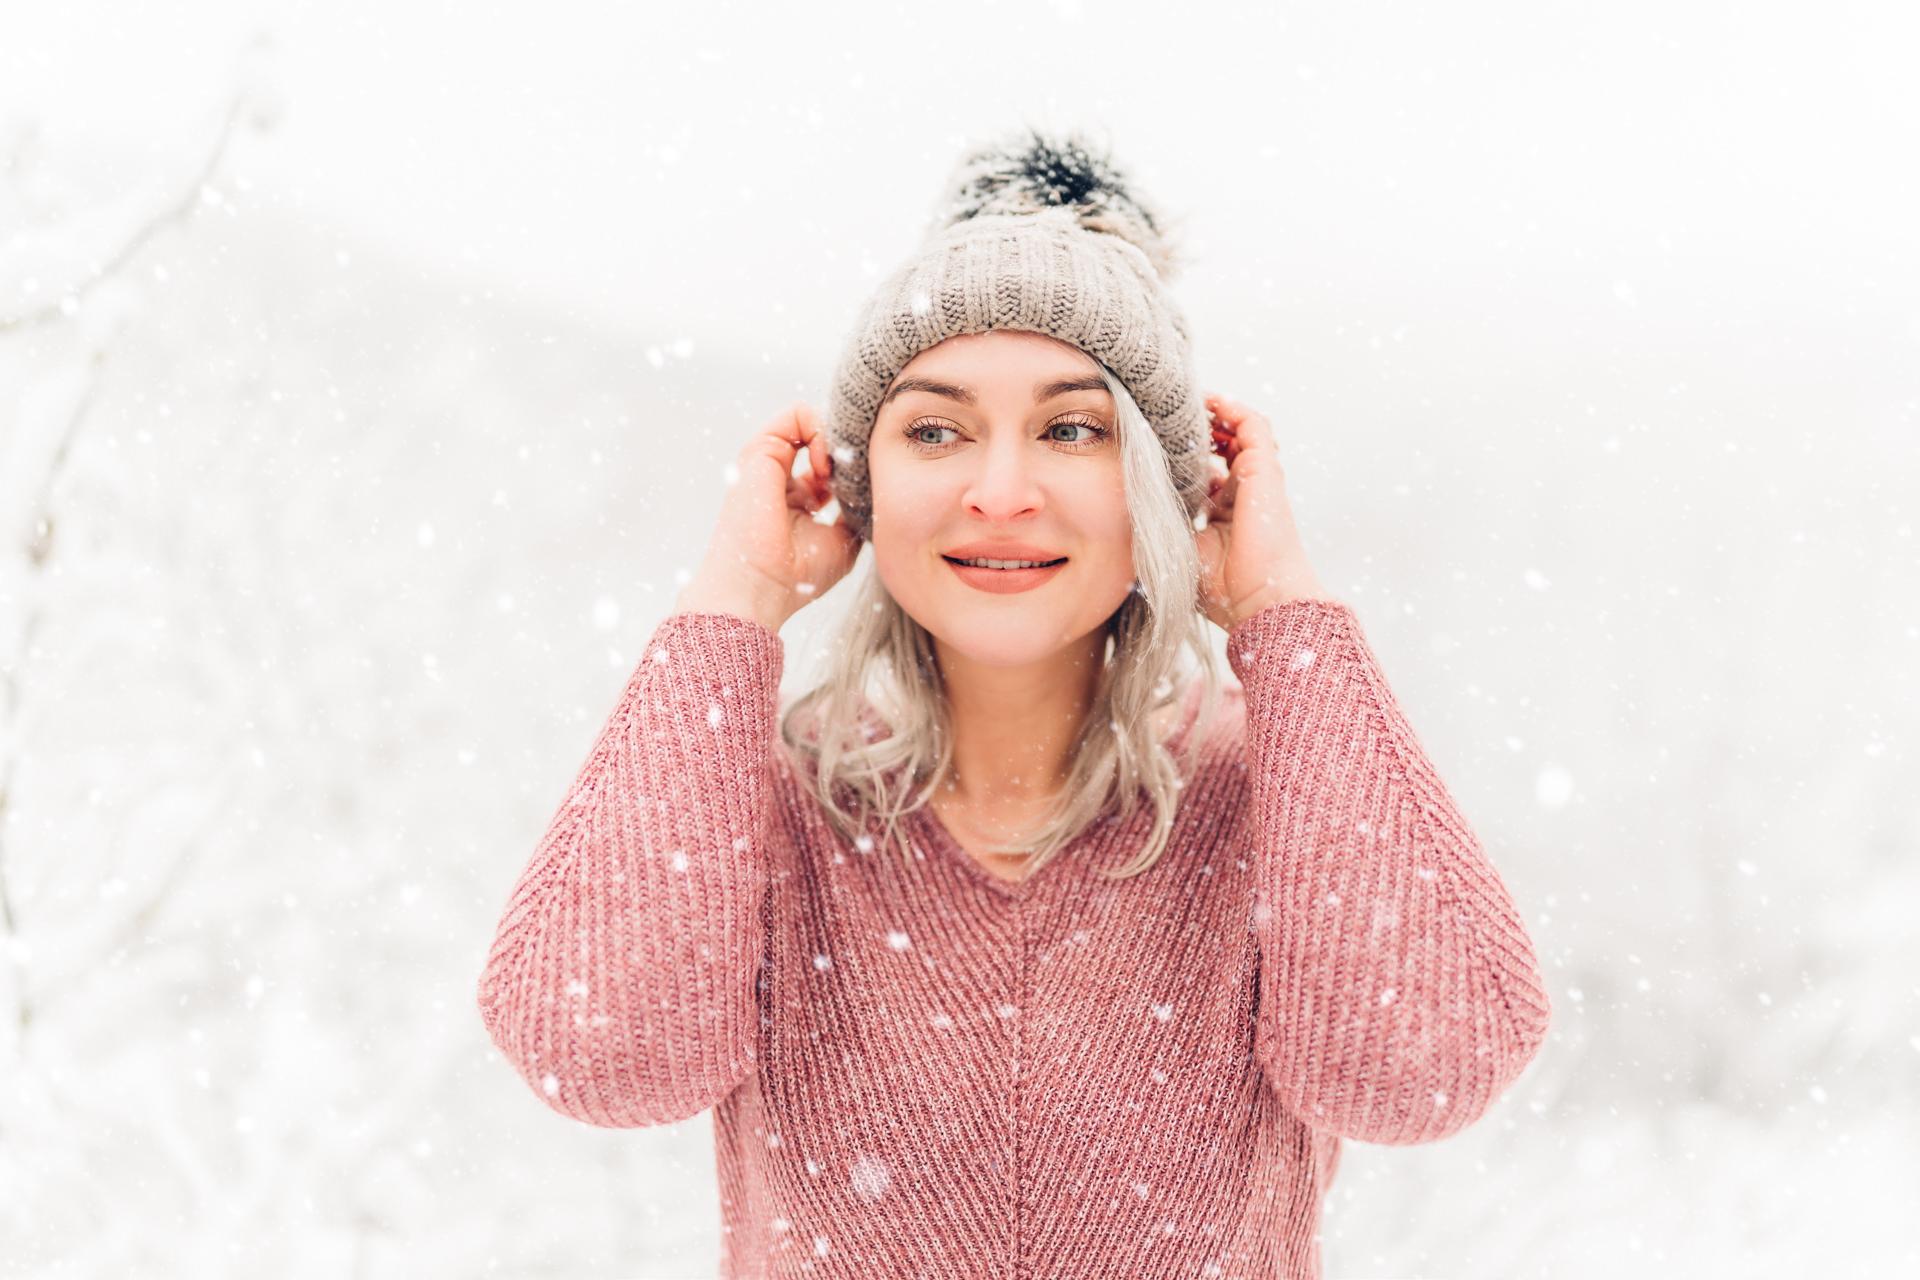 Natürliche Winterportraits im Schnee